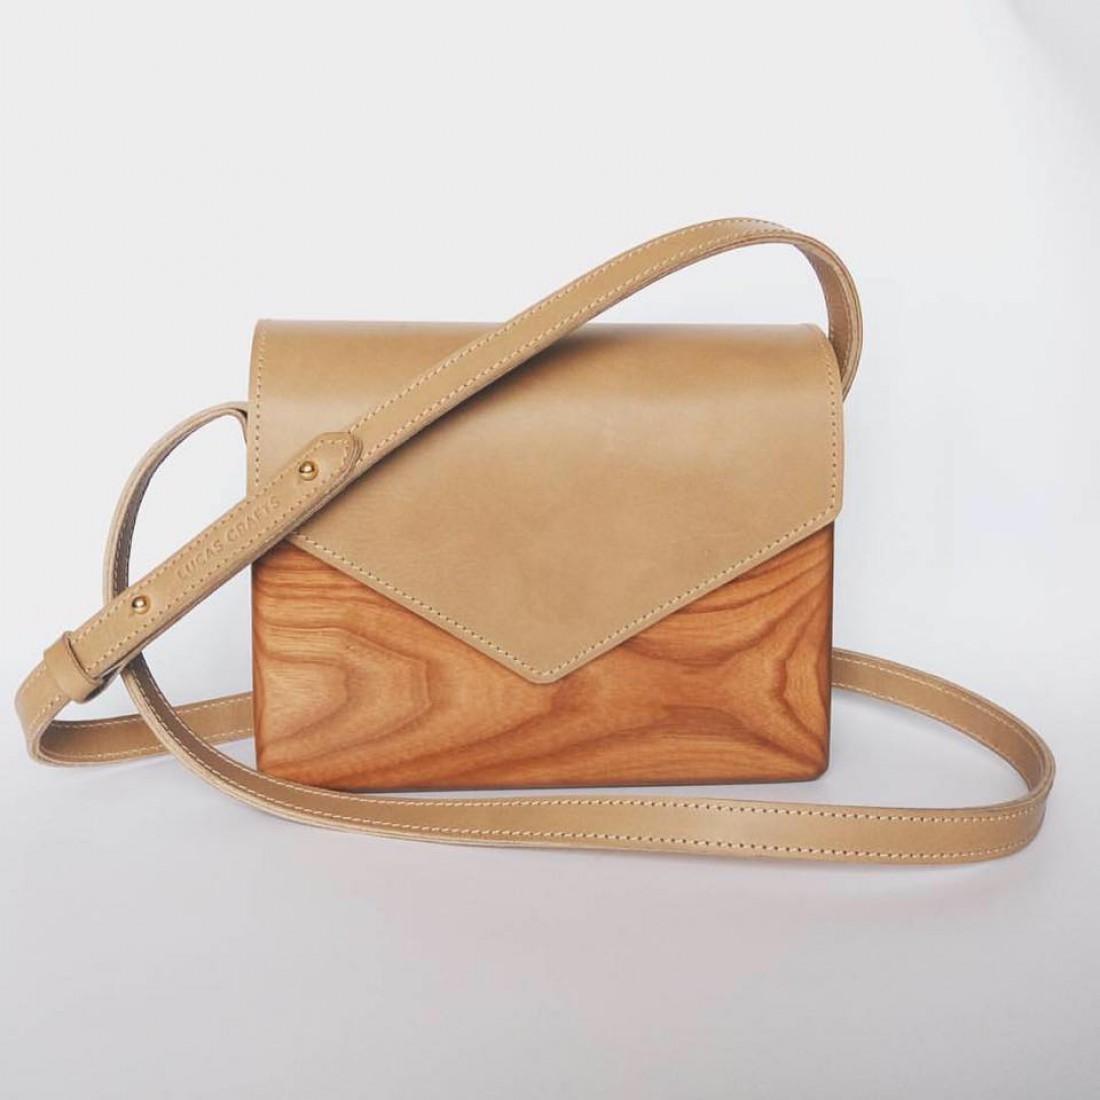 Вещь дня  сумка из дерева и кожи - Тренды моды, мода 2017, модные ... 652d547eb87